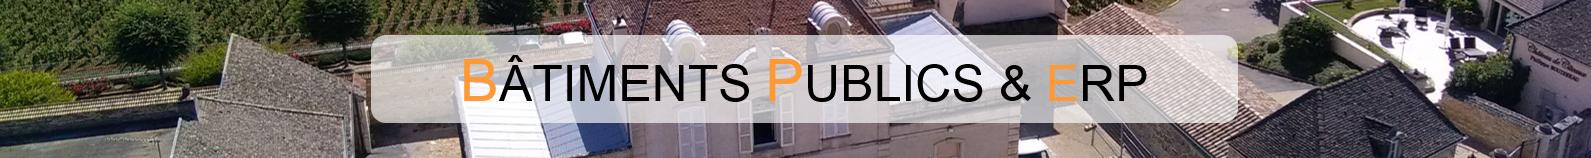 Bâtiments publics & ERP